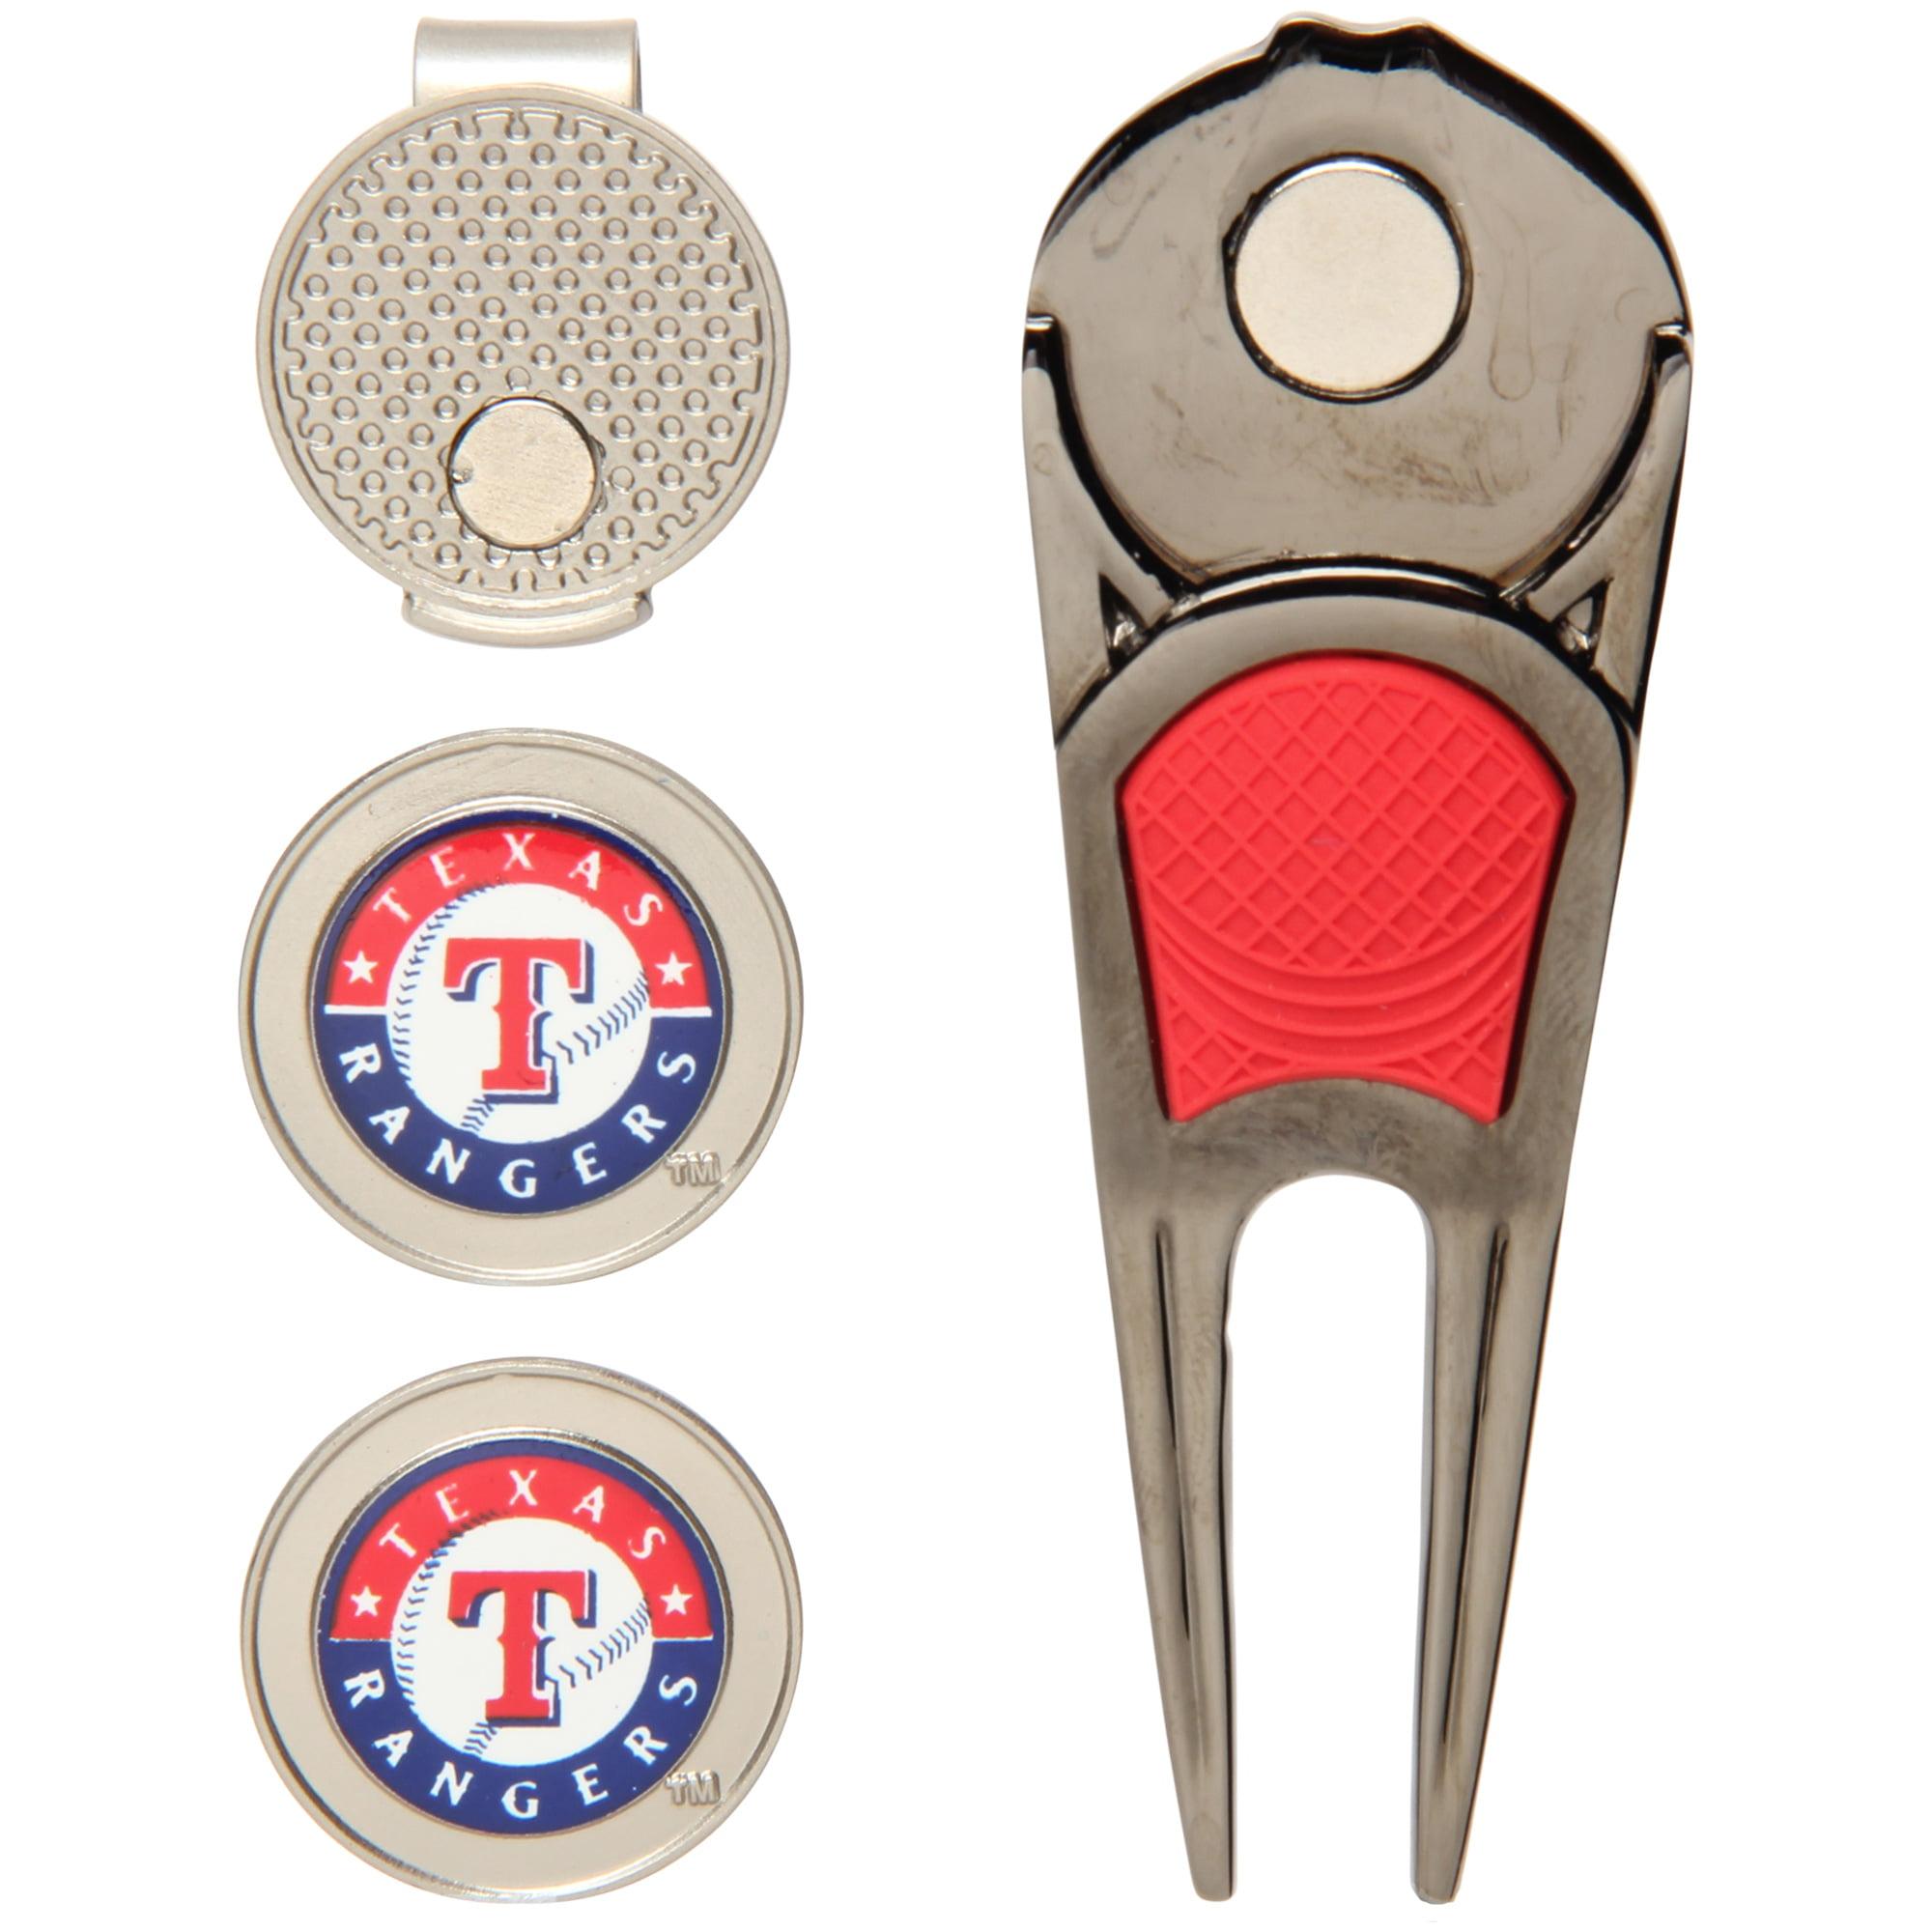 Texas Rangers WinCraft Ball Marker, Hat Clip & Divot Repair Tool Set - No Size